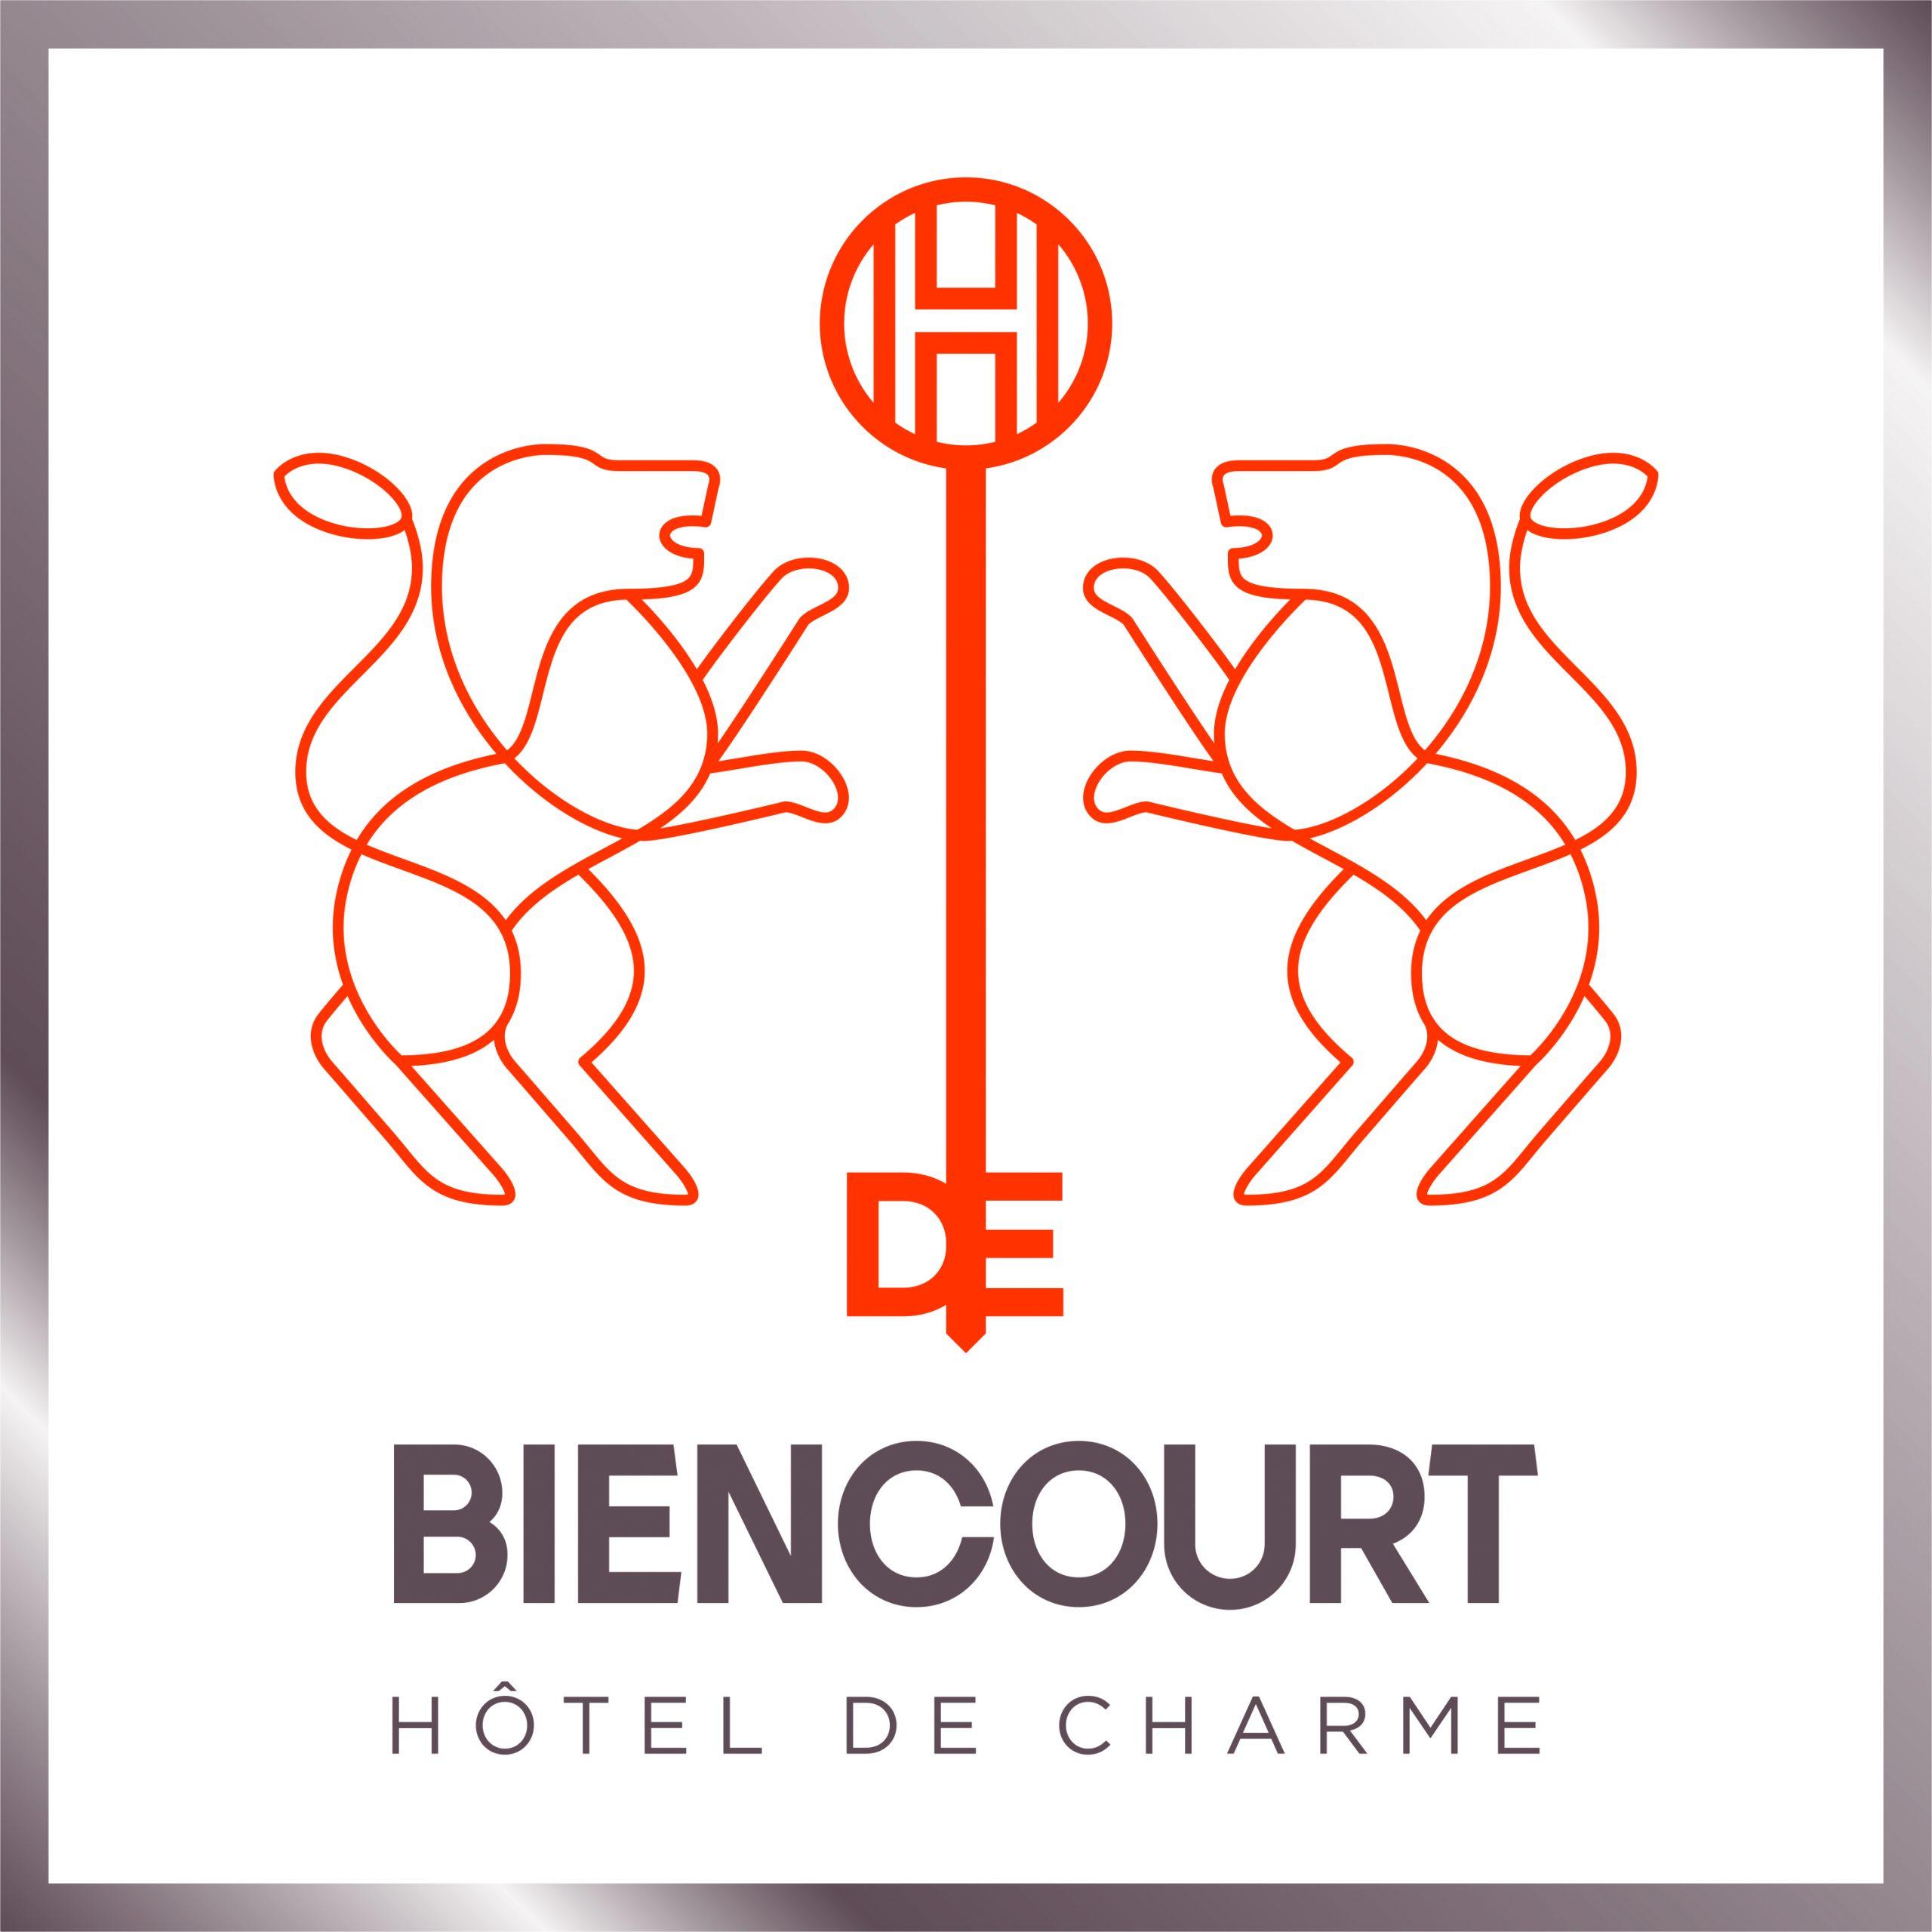 Hôtel de Biencourt - Hôtel de Charme